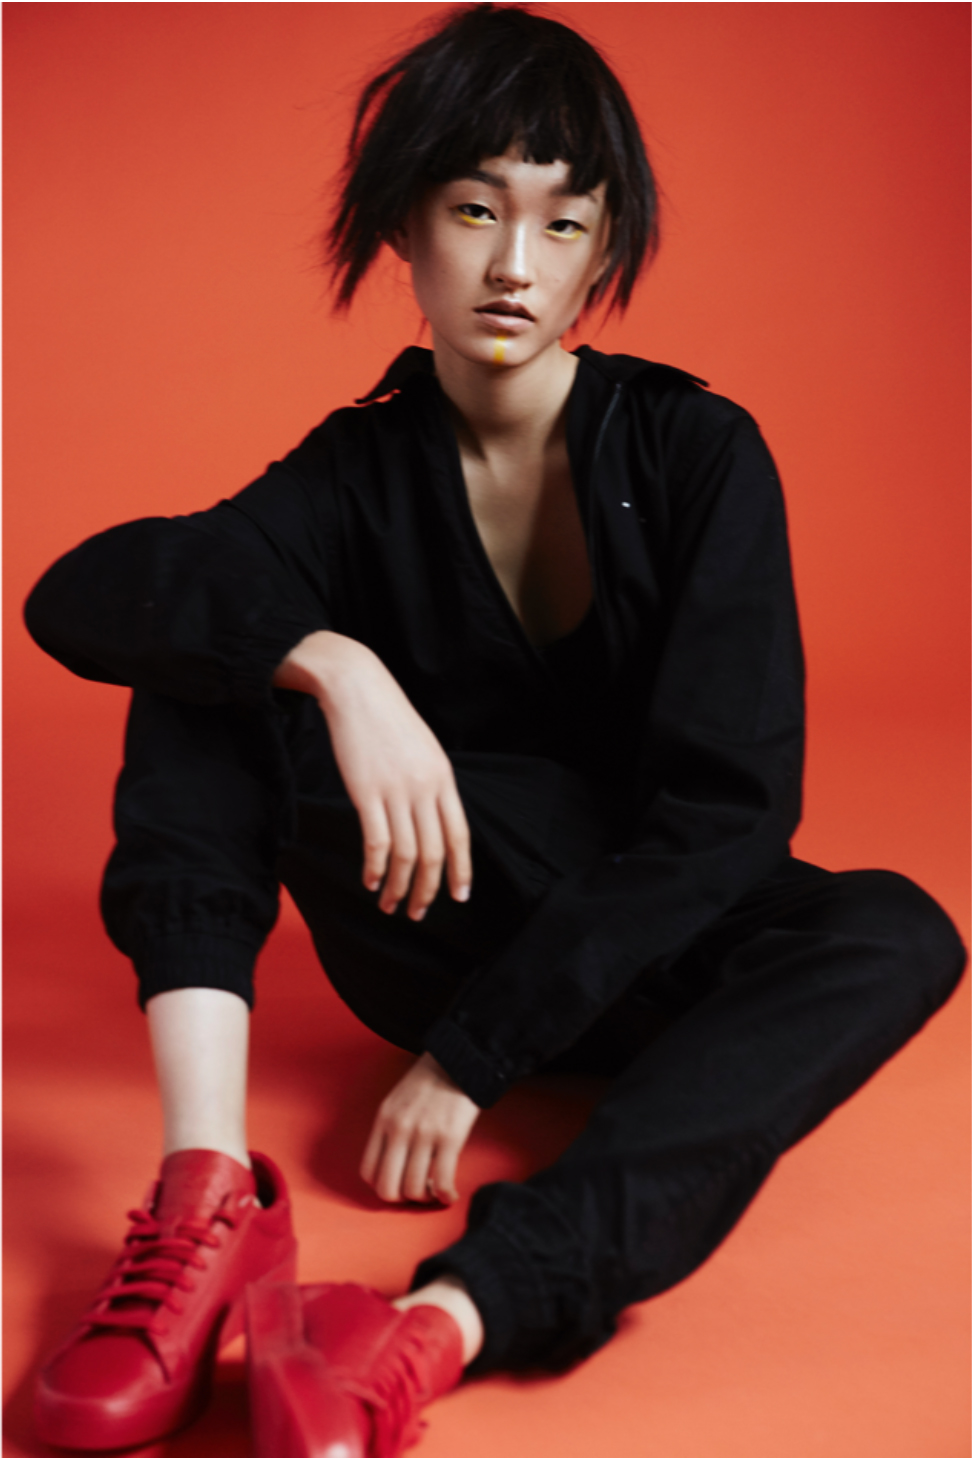 hm-ro-vielma-fashion-01.jpg